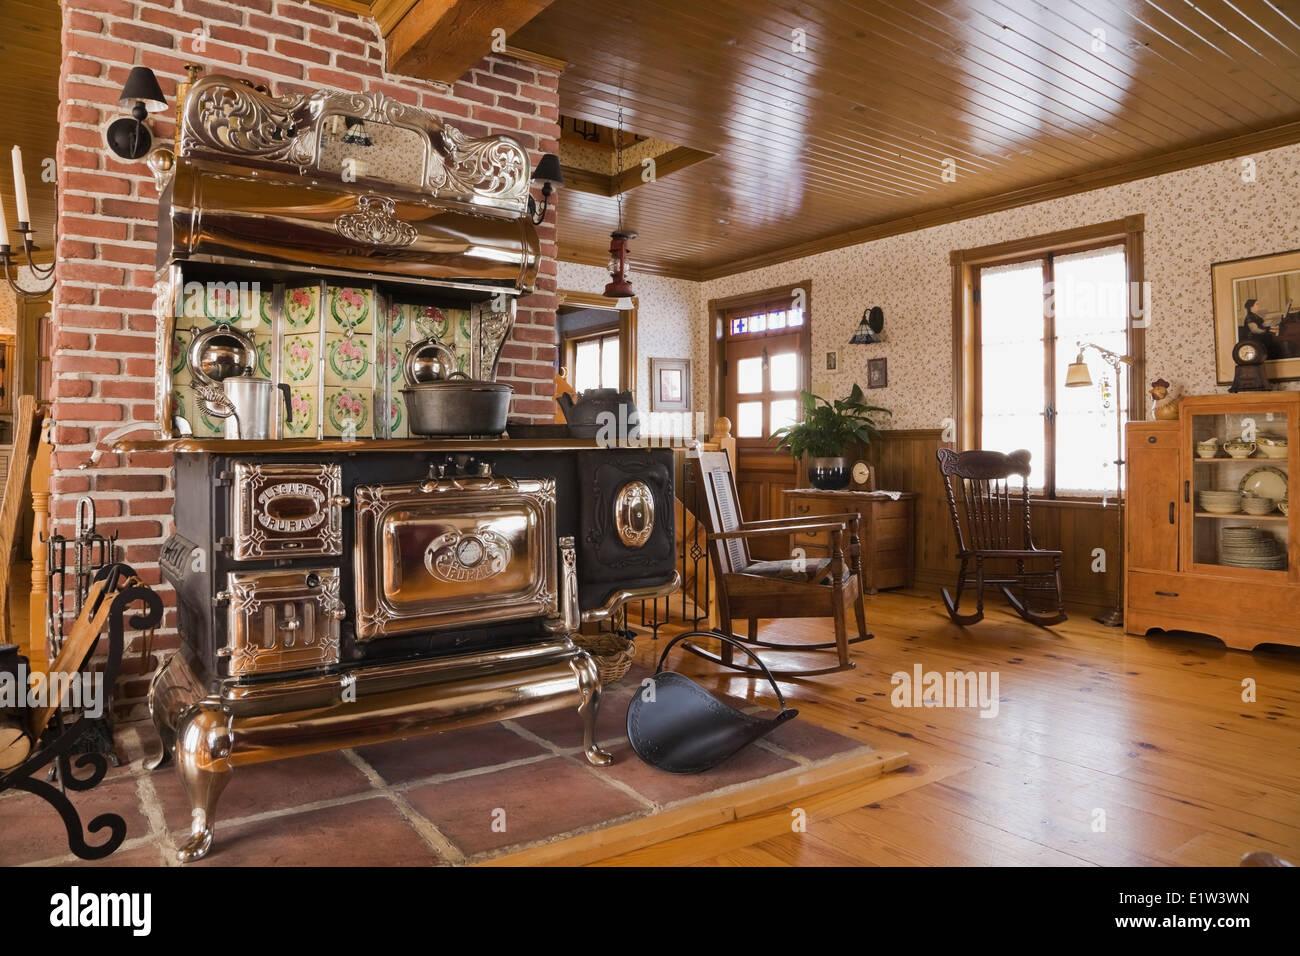 Alten Legare Holzofen Ländlichen Antiker Im Wohnzimmer Canadiana Cottage  Stil Feldsteinen Wohnhaus Gebaut, Um Zu Suchen